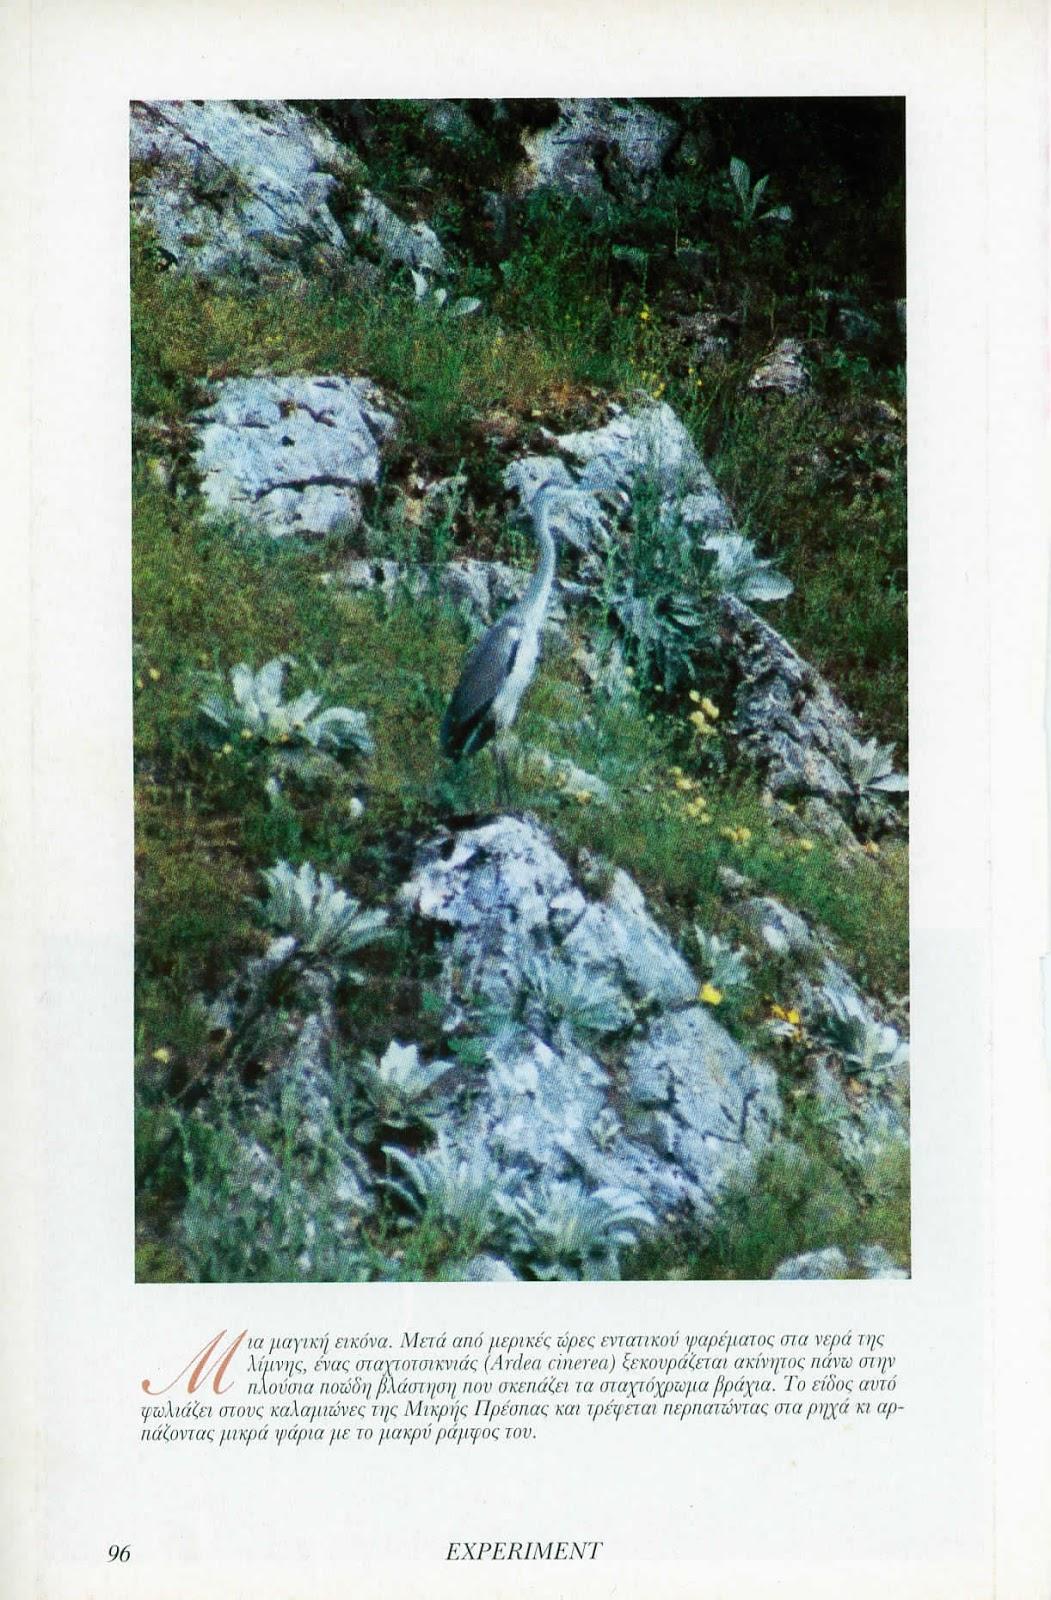 Μεθόδους απόλυτης χρονολογίων των βράχων